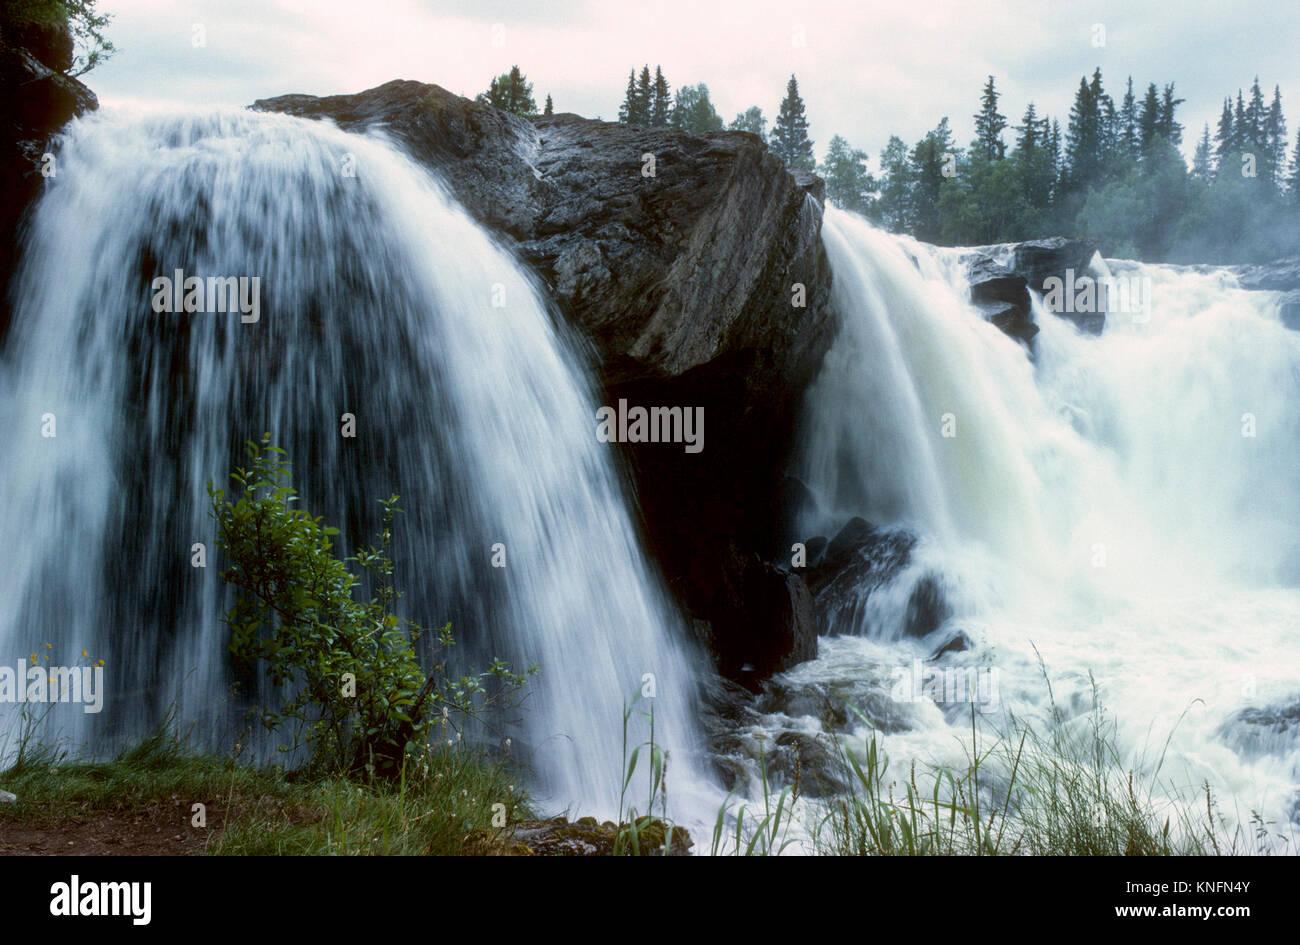 RISTAFALLET in svedese Jämtland uno di grande cascata in Svezia a Indalsälven 2011 Immagini Stock